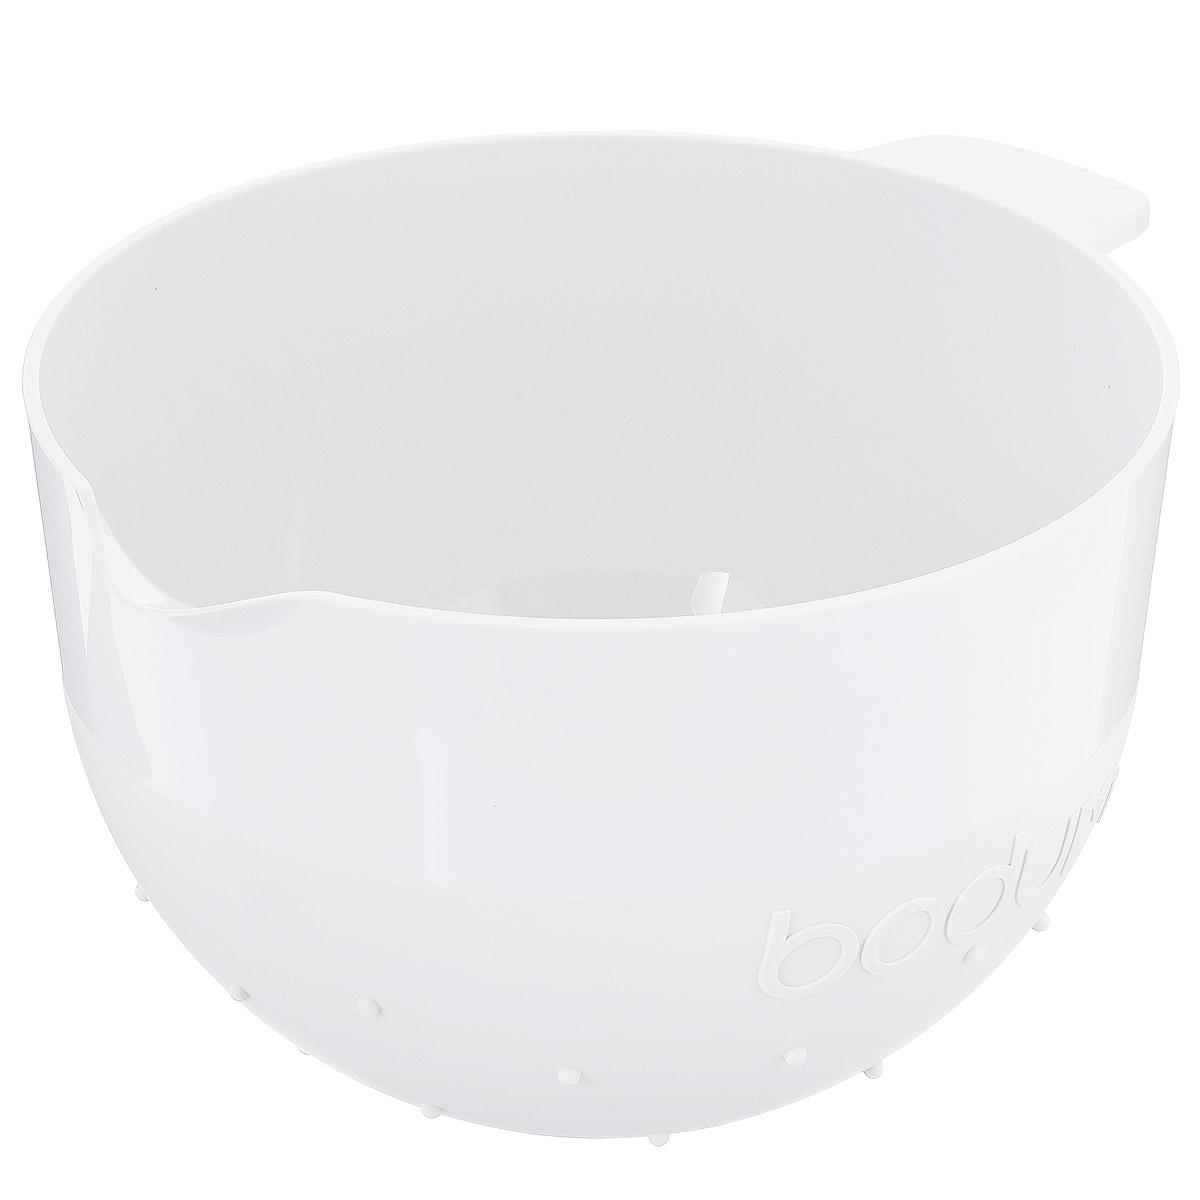 Миска Bodum Bistro, цвет: белый, 2,8 л11563-913BМиска Bodum Bistro изготовлена из пластика - легкого материала, который без усилий очищается и быстро сохнет. Вы сможете использовать ее для замешивания теста, приготовления салата, мытья овощей и многих других кулинарных нужд. Миска оснащена носиком и ручкой. Также она имеет дополнительный слой резины на ручке и на нижней поверхности, благодаря чему не скользит по поверхности стола. Миску можно помещать в микроволновую печь и мыть в посудомоечной машине. Диаметр миски (по верхнему краю): 20,5 см. Высота стенок: 14,5 см. Объем: 2,8 л.